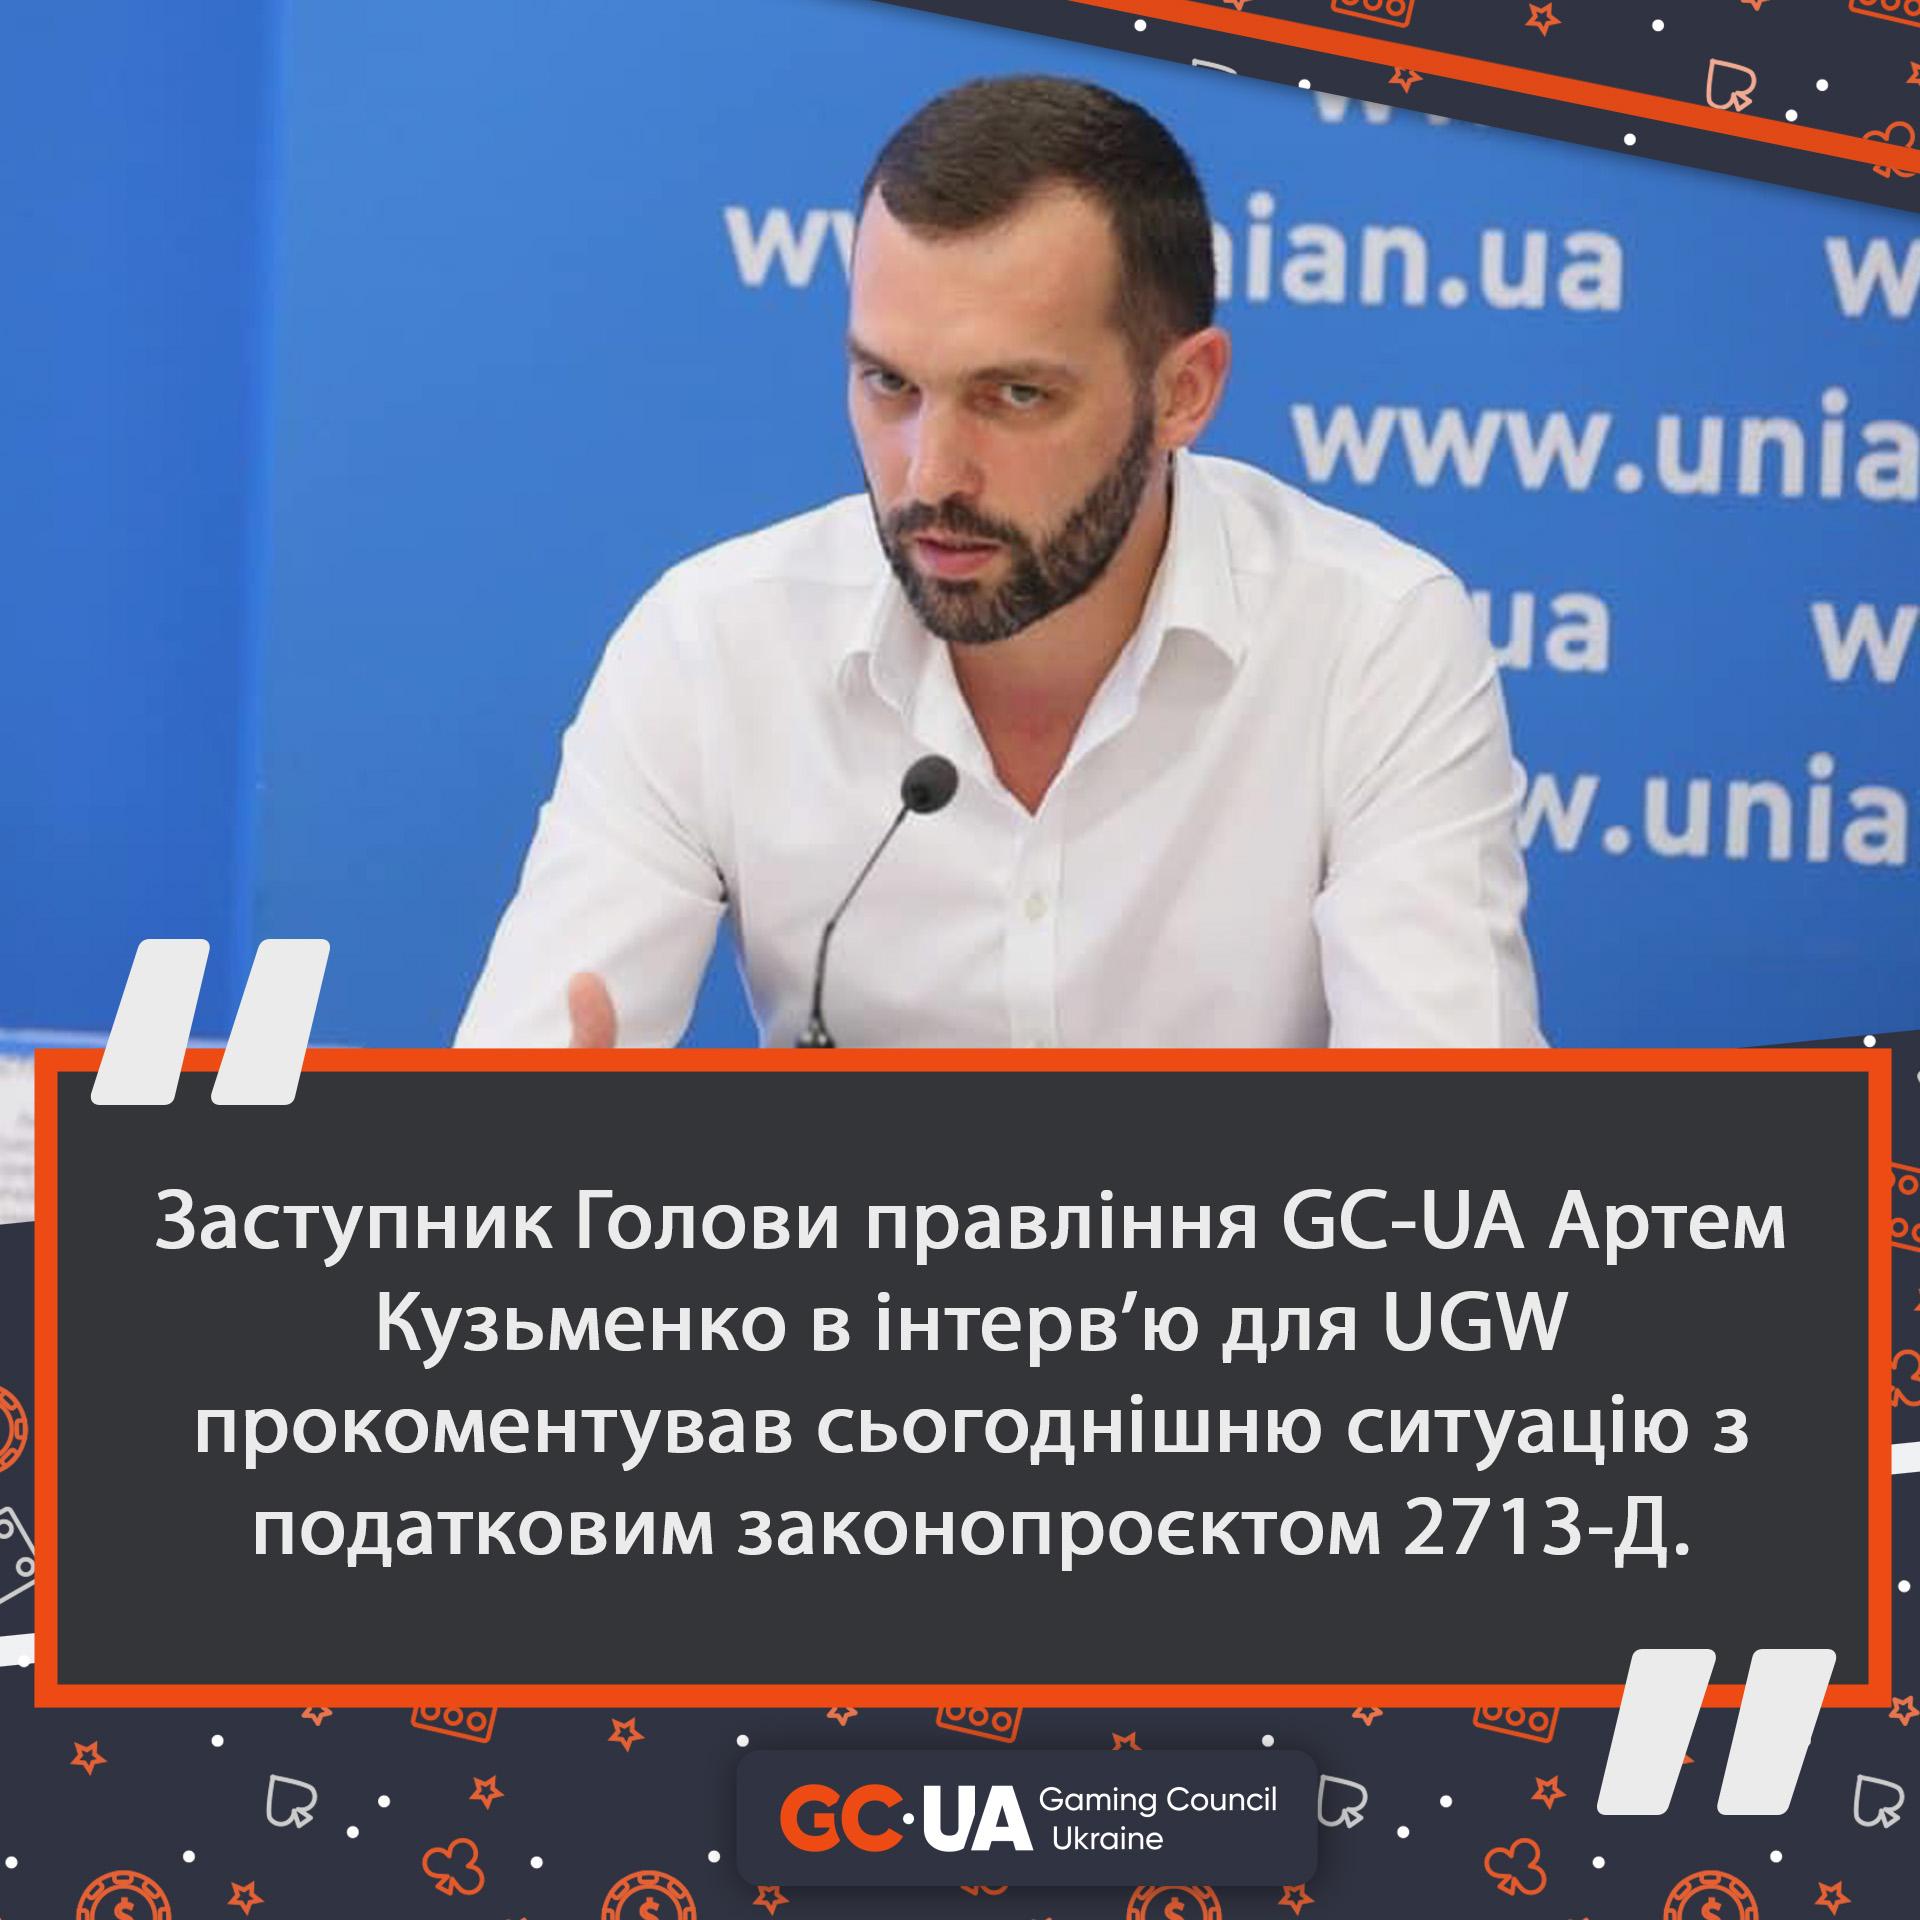 Артем Кузьменко в інтерв'ю для UGW прокоментував сьогоднішню ситуацію з податковим законопроєктом 2713-Д